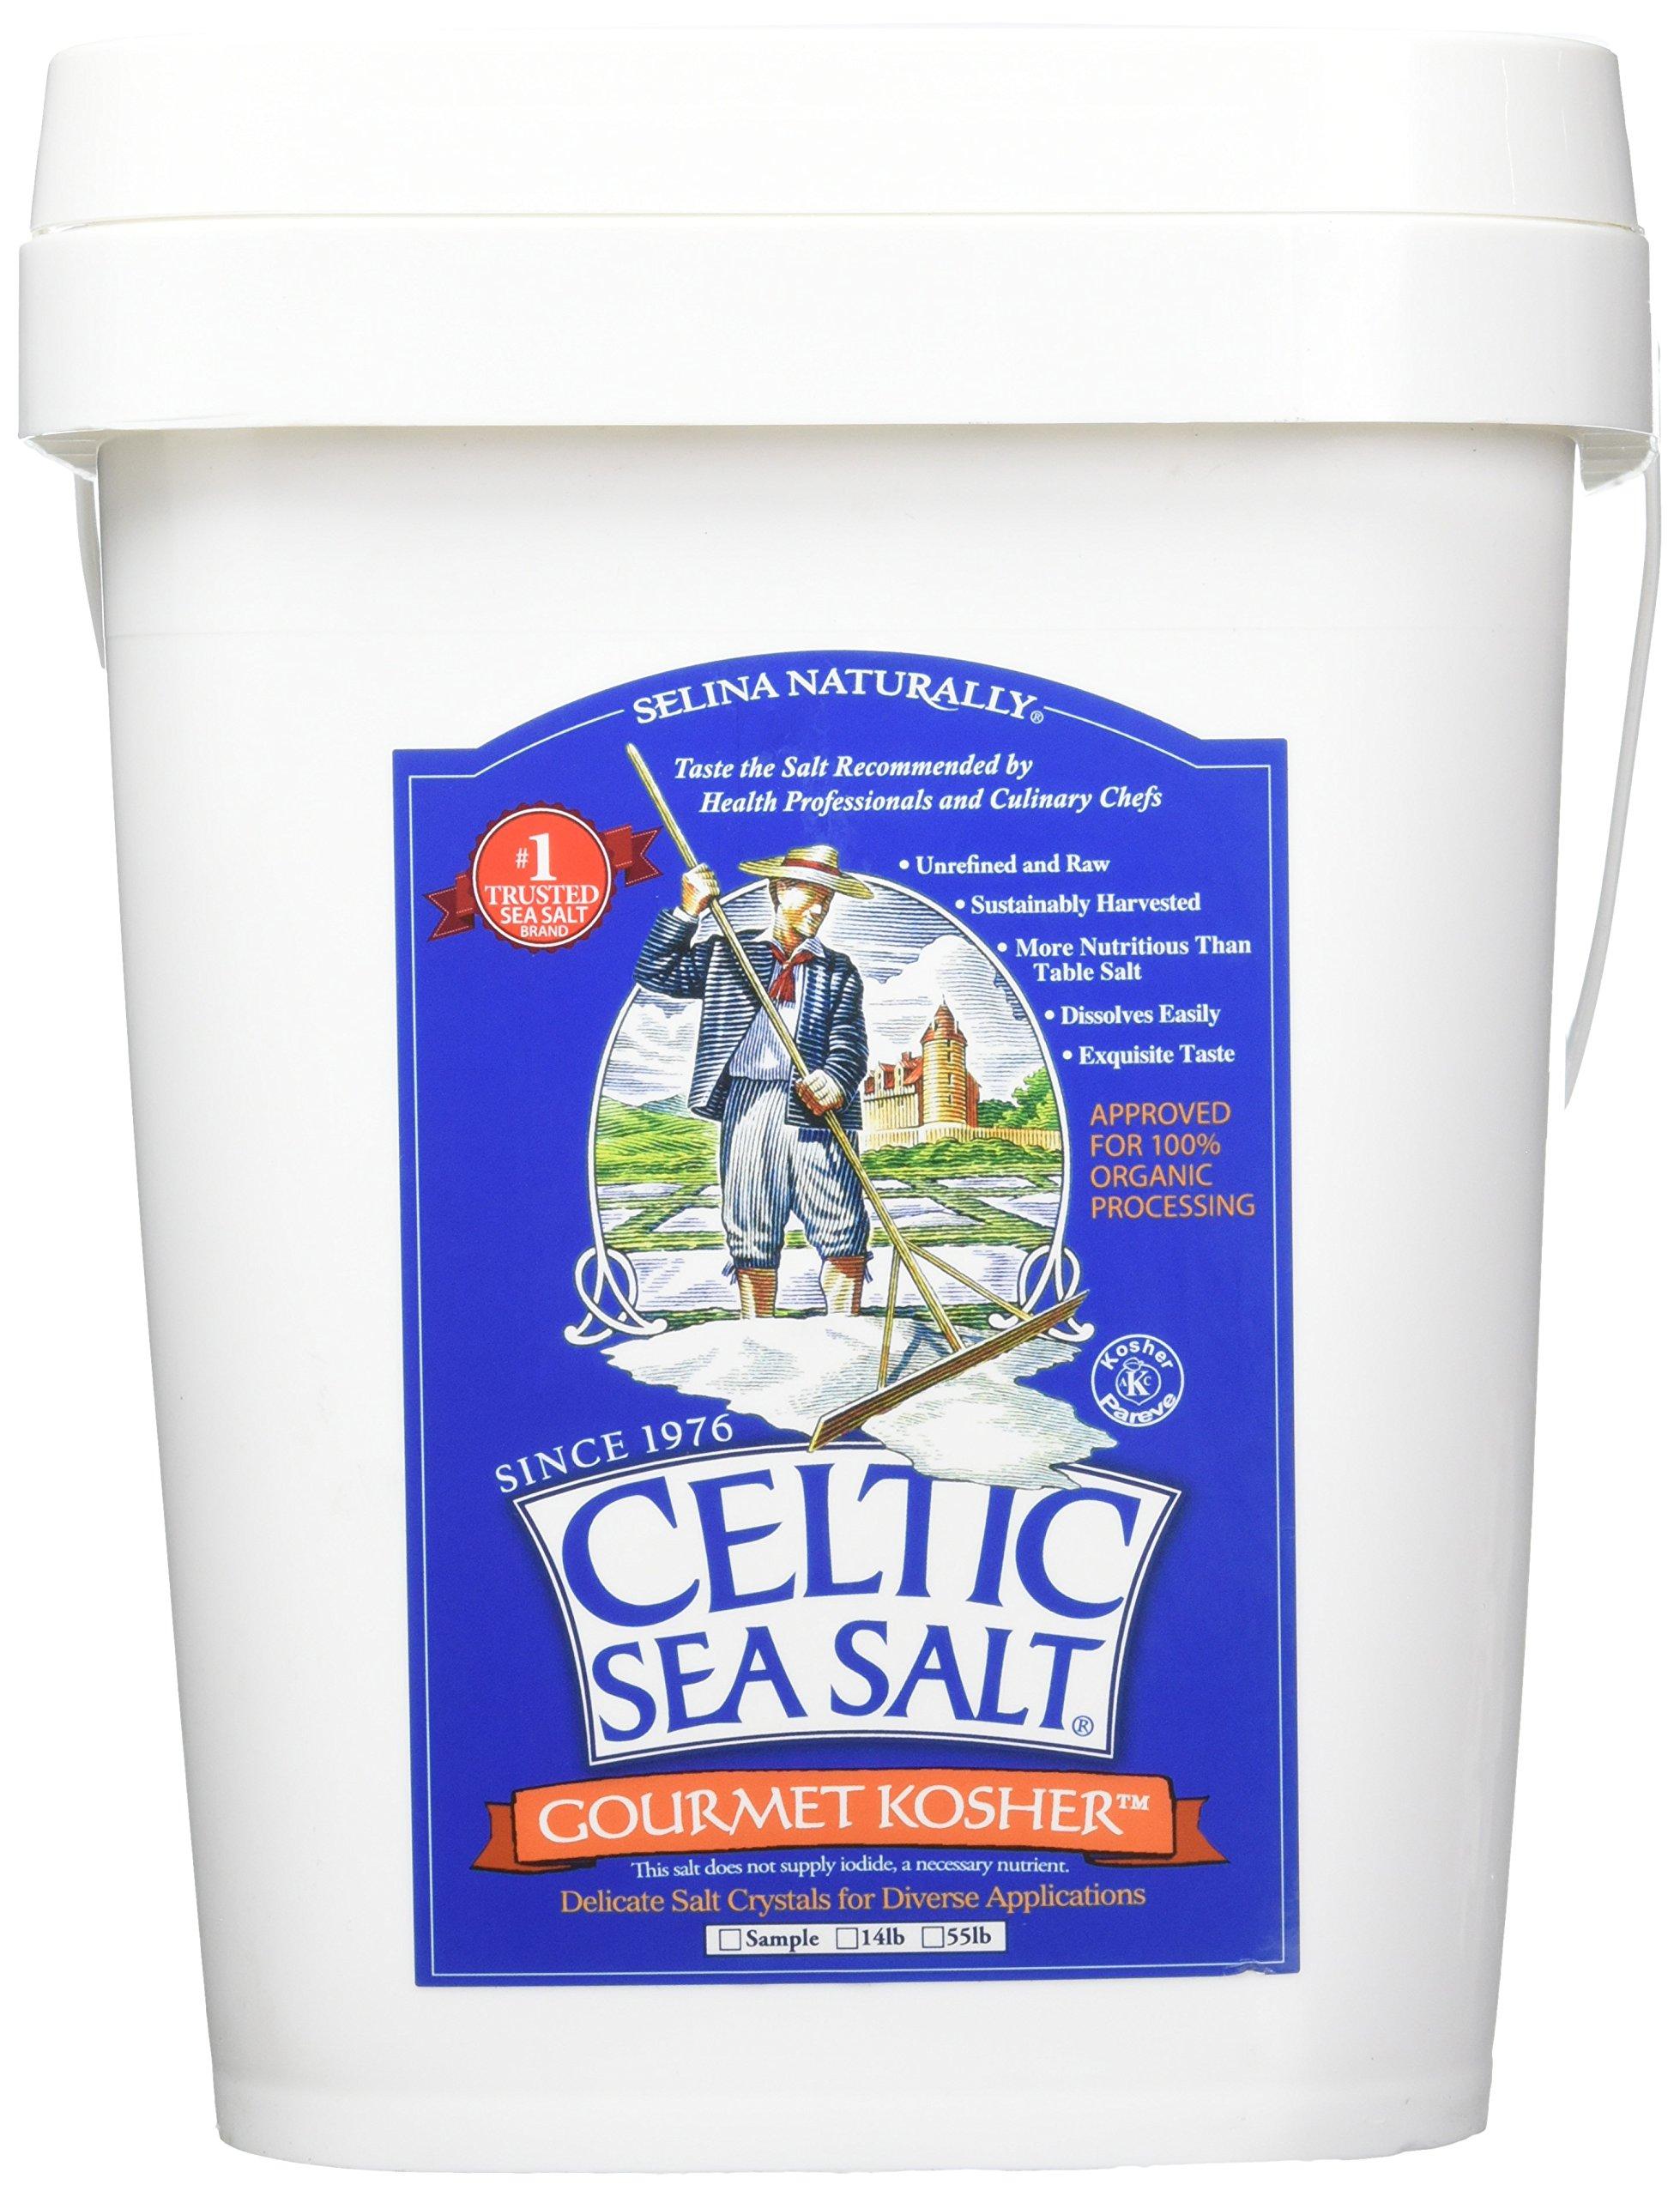 Celtic Sea Salt Gourmet Kosher Salt, 14 Pound